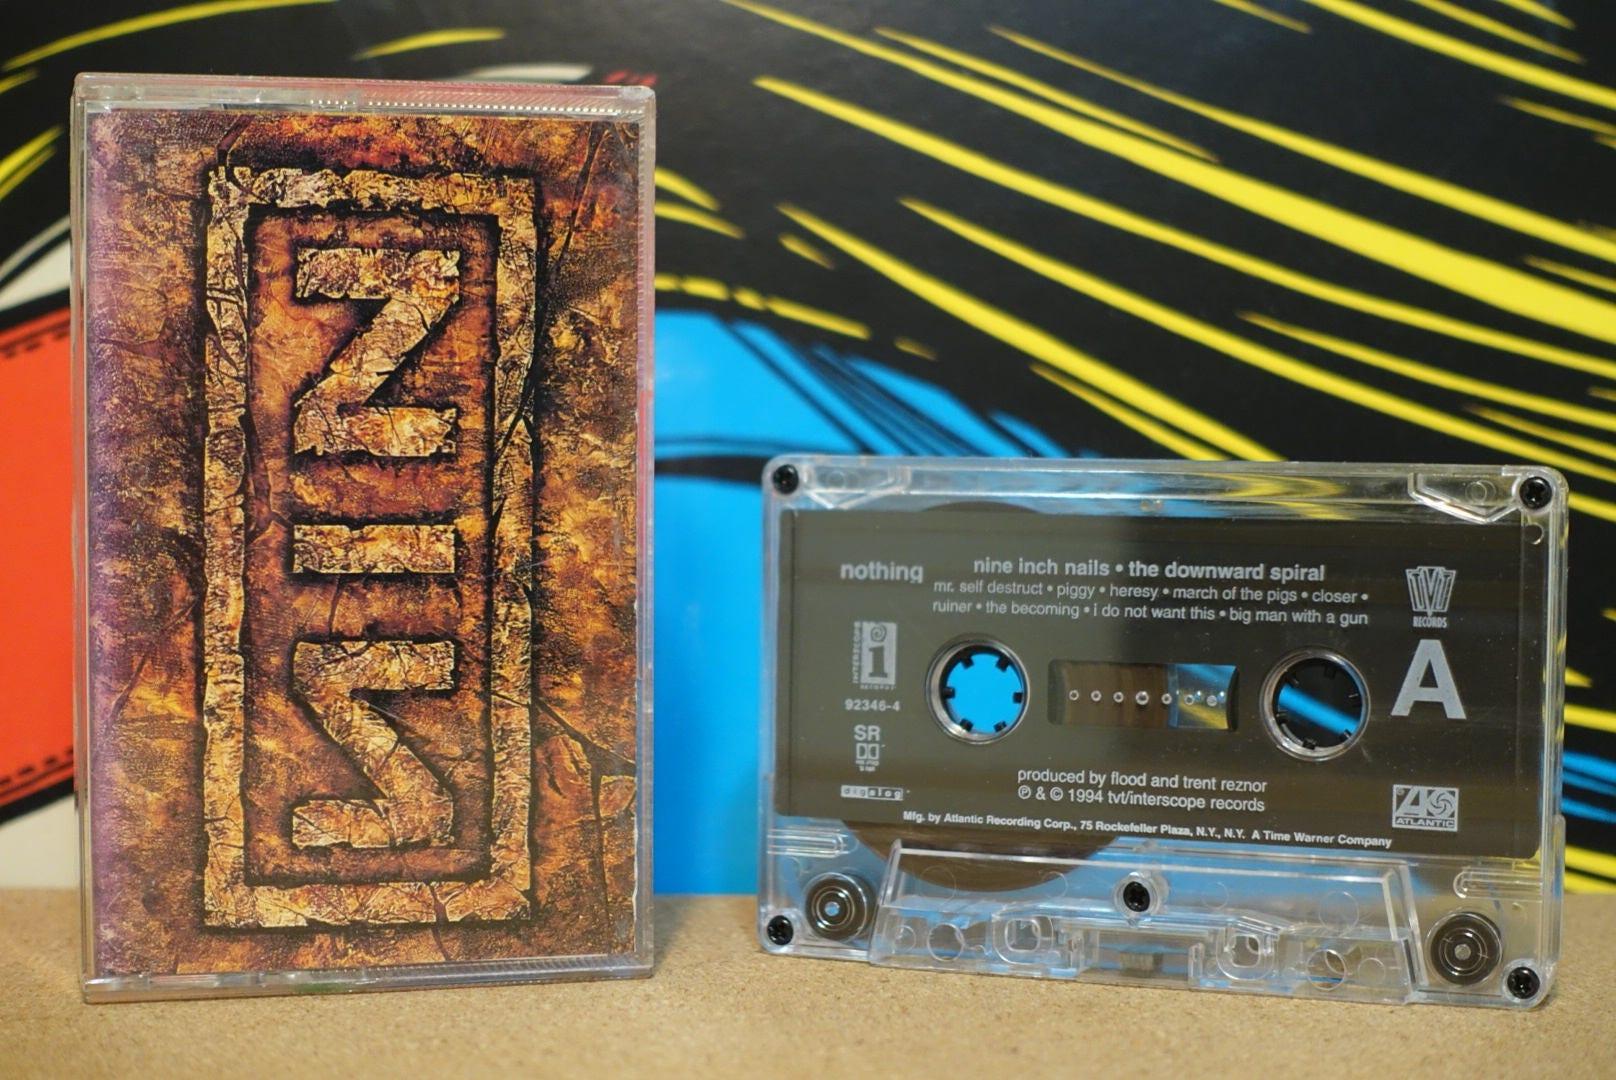 The Downward Spiral by Nine Inch Nails NIN Vintage Cassette Tape